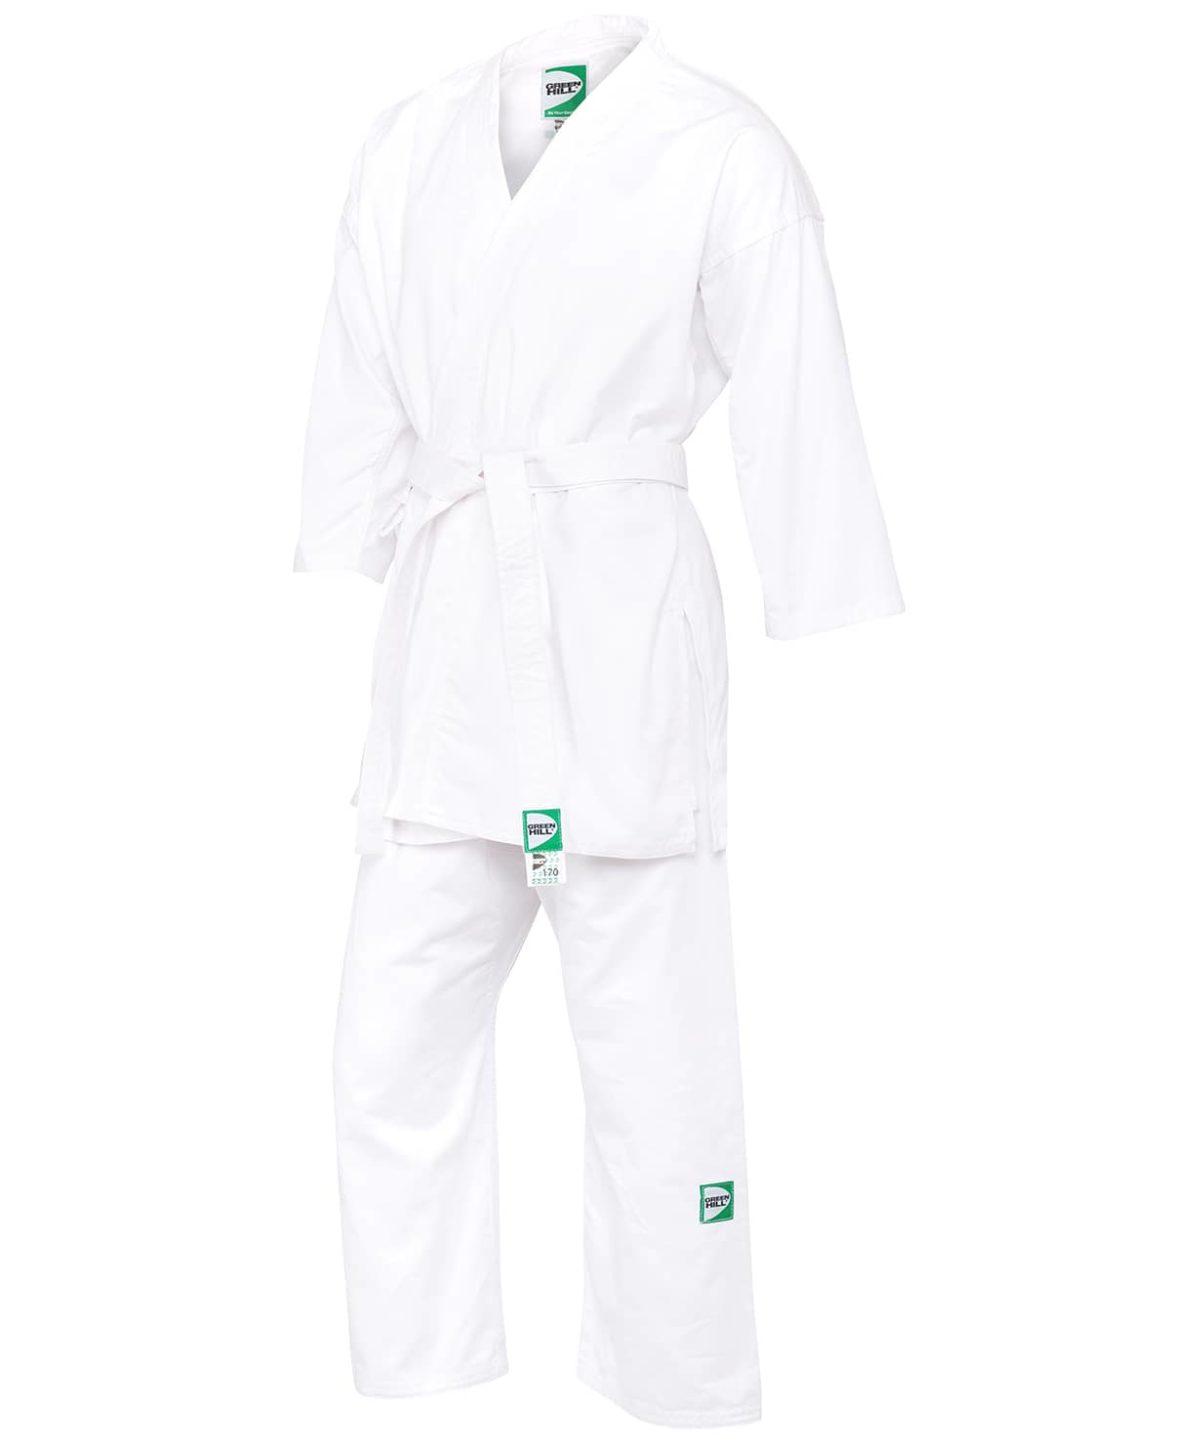 GREEN HILL Start Кимоно для карате 1/140  KSST-10354 - 1